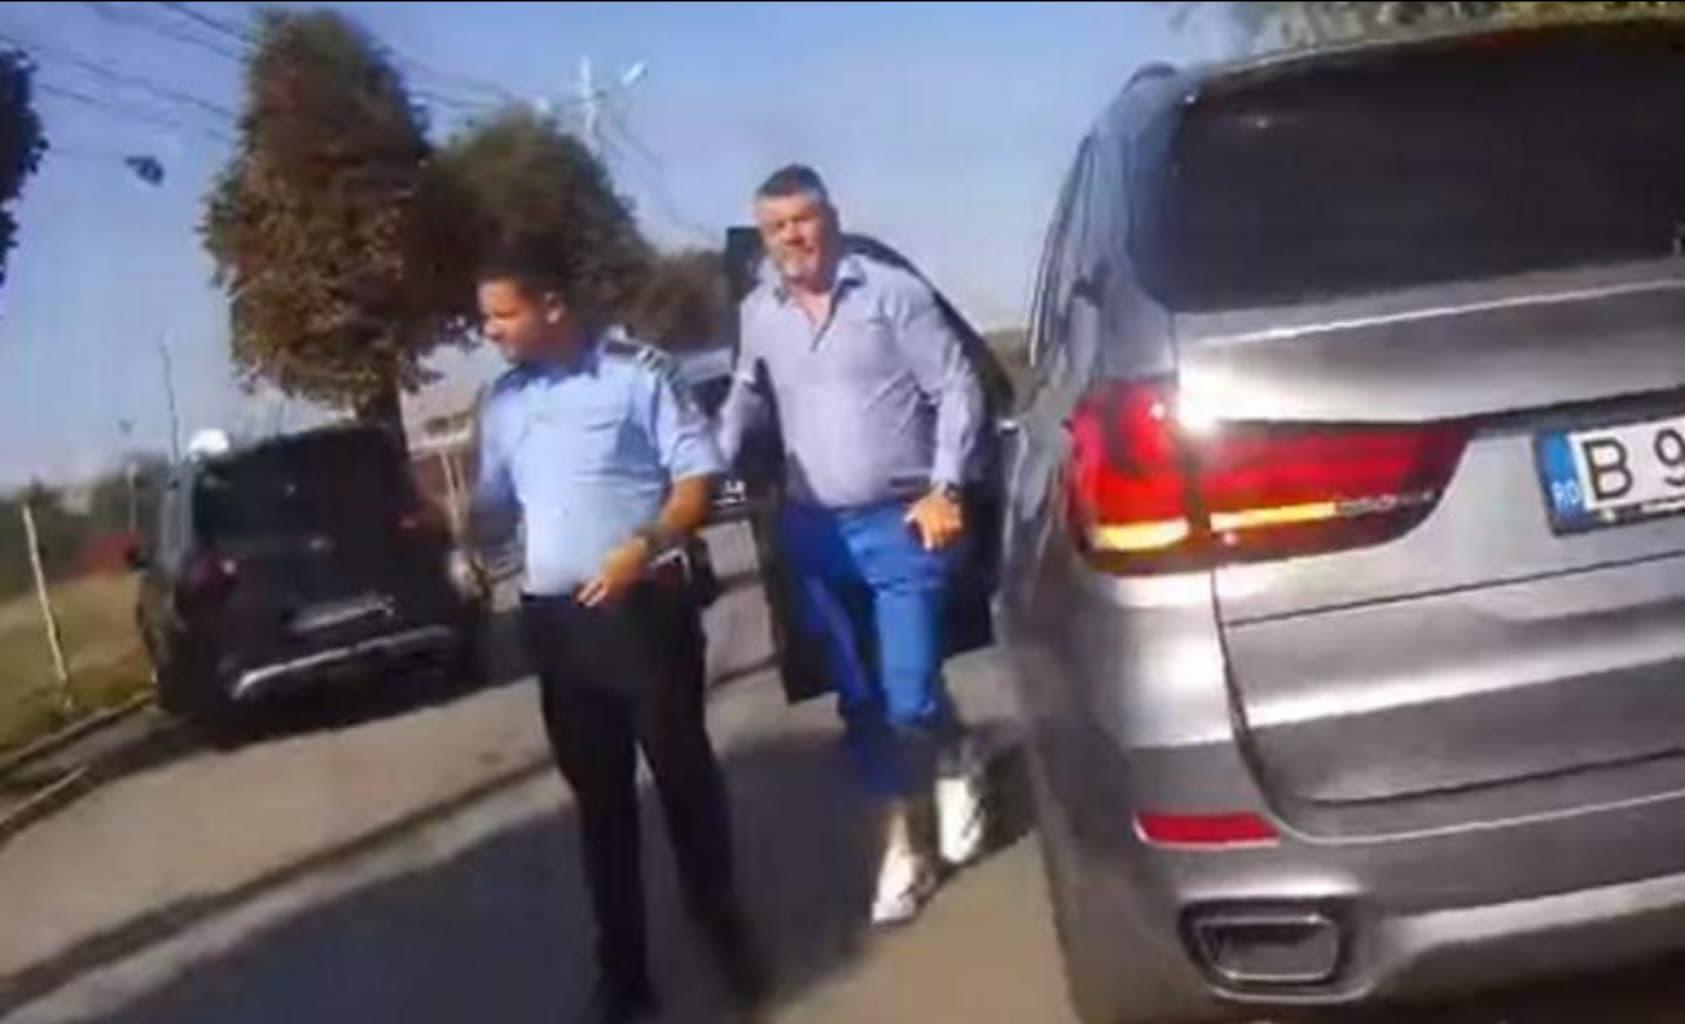 """Consilier şi cocalar PSD către agentul de la circulație: """"In p… mea, îți arăt eu ție!"""" De când i-am slăbit cu M…PSD, au prins din nou glas!"""